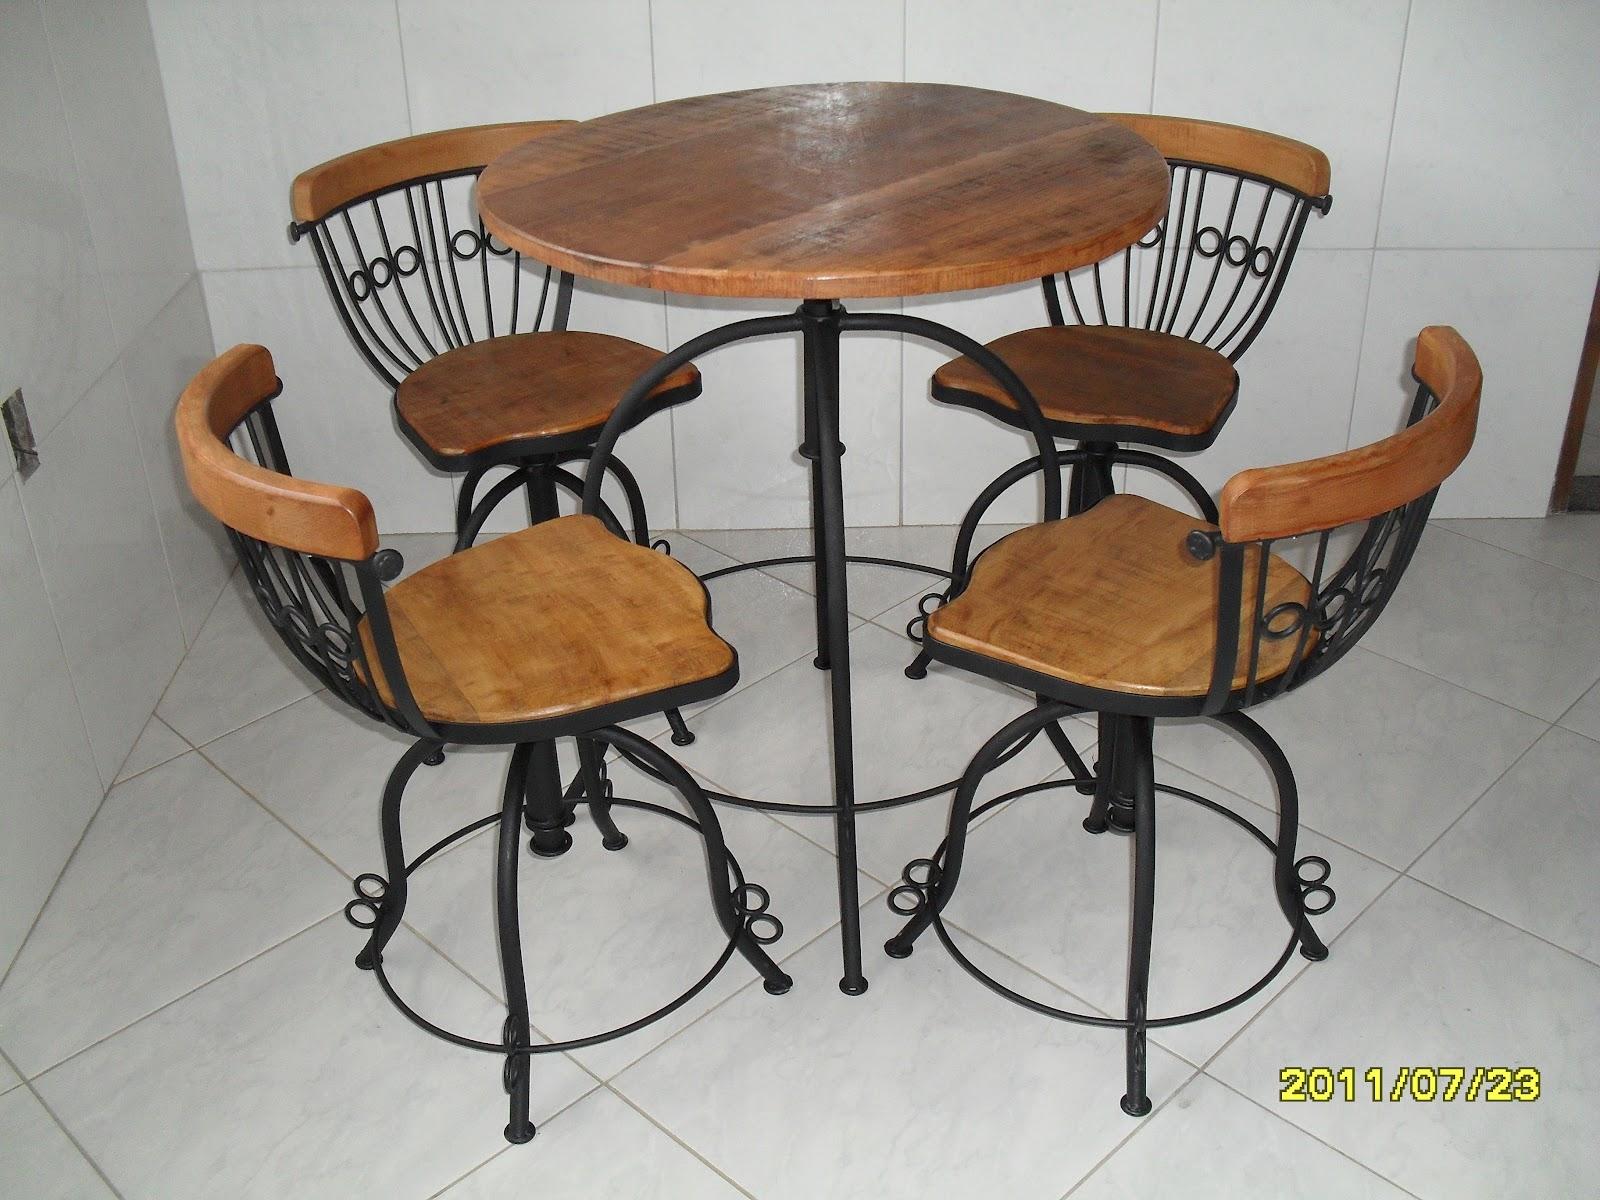 ComArtes Comercio de Artesanatos MG.: Móveis em Madeira e Ferro #936238 1600x1200